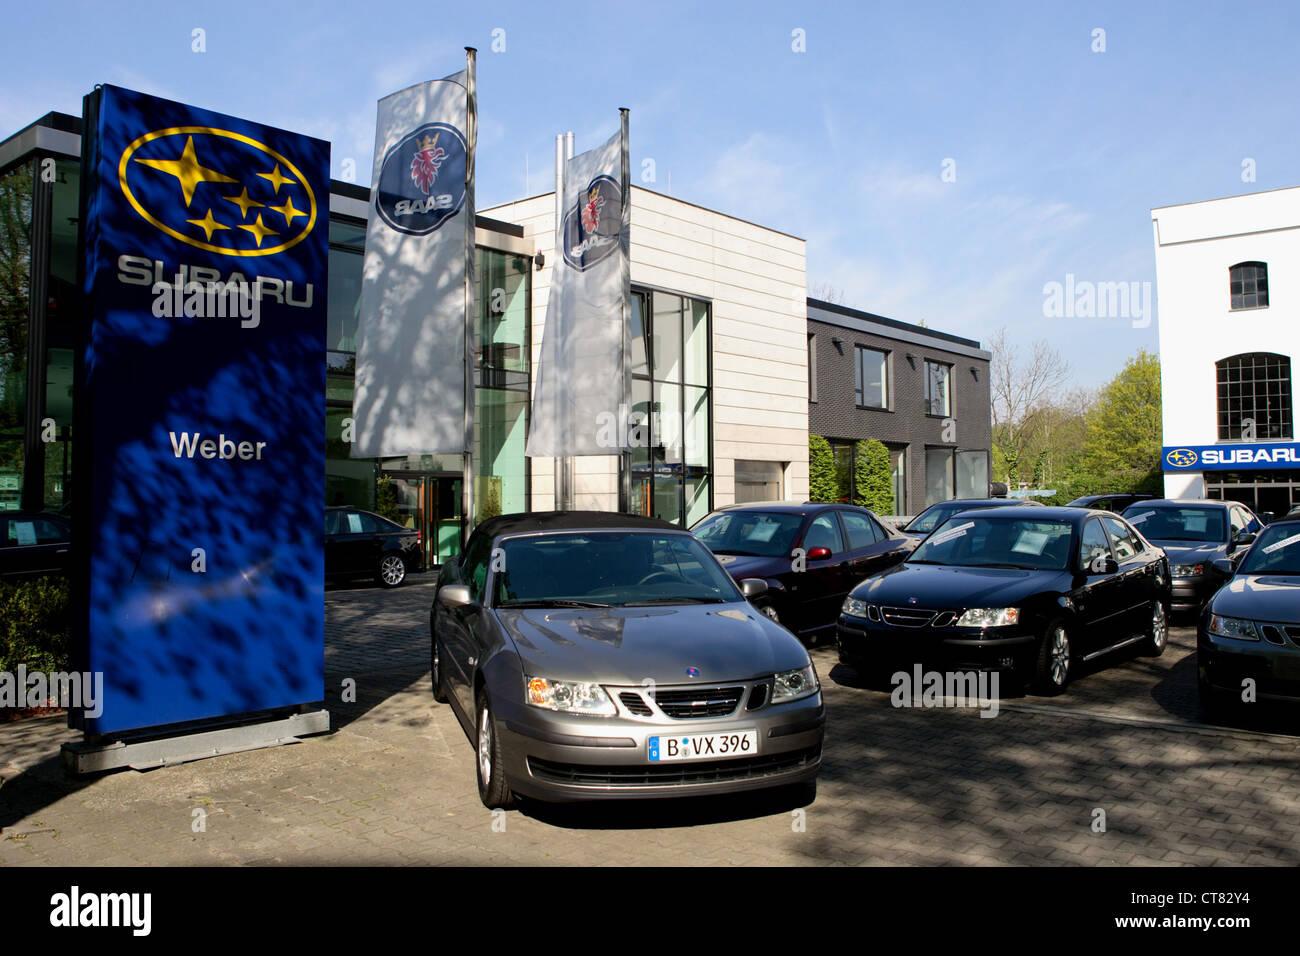 Subaru Dealers Ct >> Subaru Car Sales Stock Photos Subaru Car Sales Stock